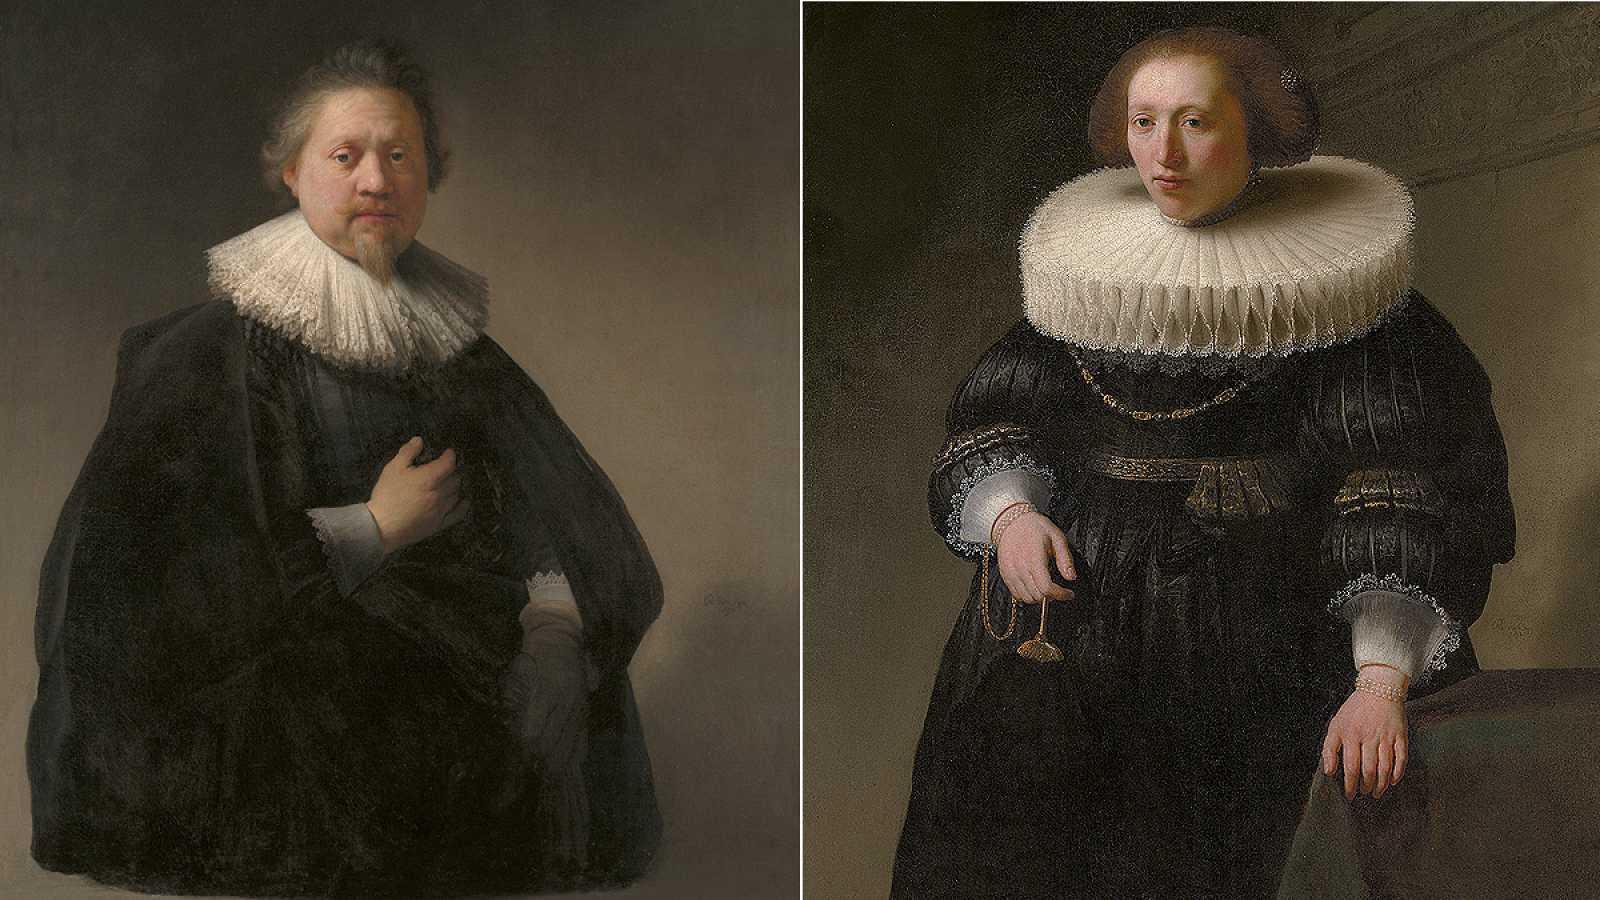 Punto de enlace - Entramos en el Museo Thyssen y visitamos Rembrandt y la colección permanente - 22/07/20 - escuchar ahora